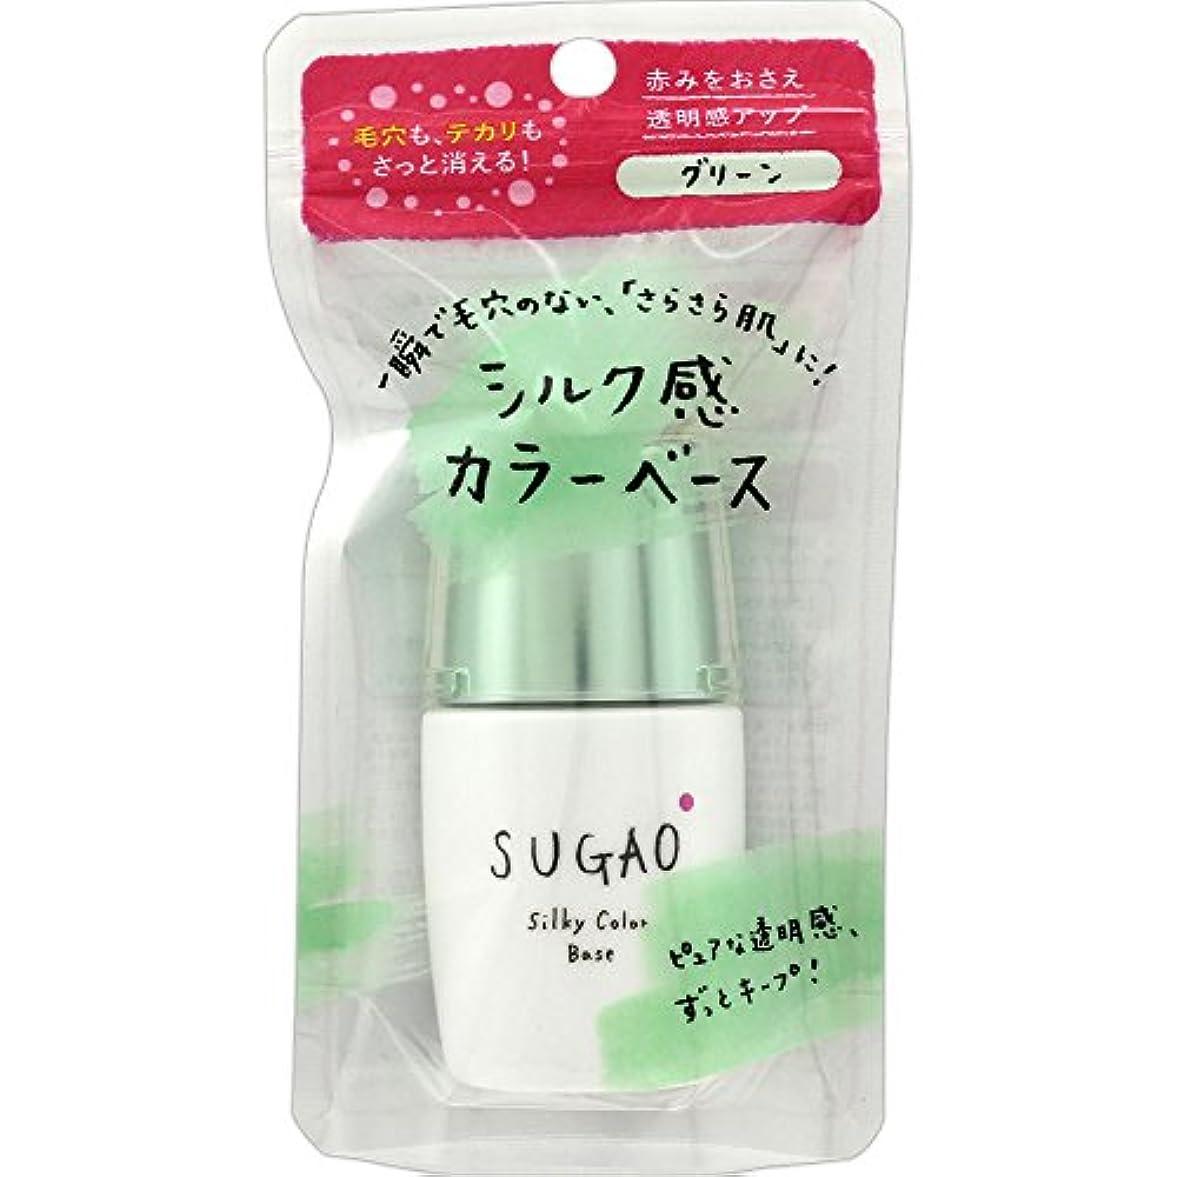 熟考するマント疾患スガオ (SUGAO) シルク感カラーベース グリーン SPF20 PA+++ 20mL